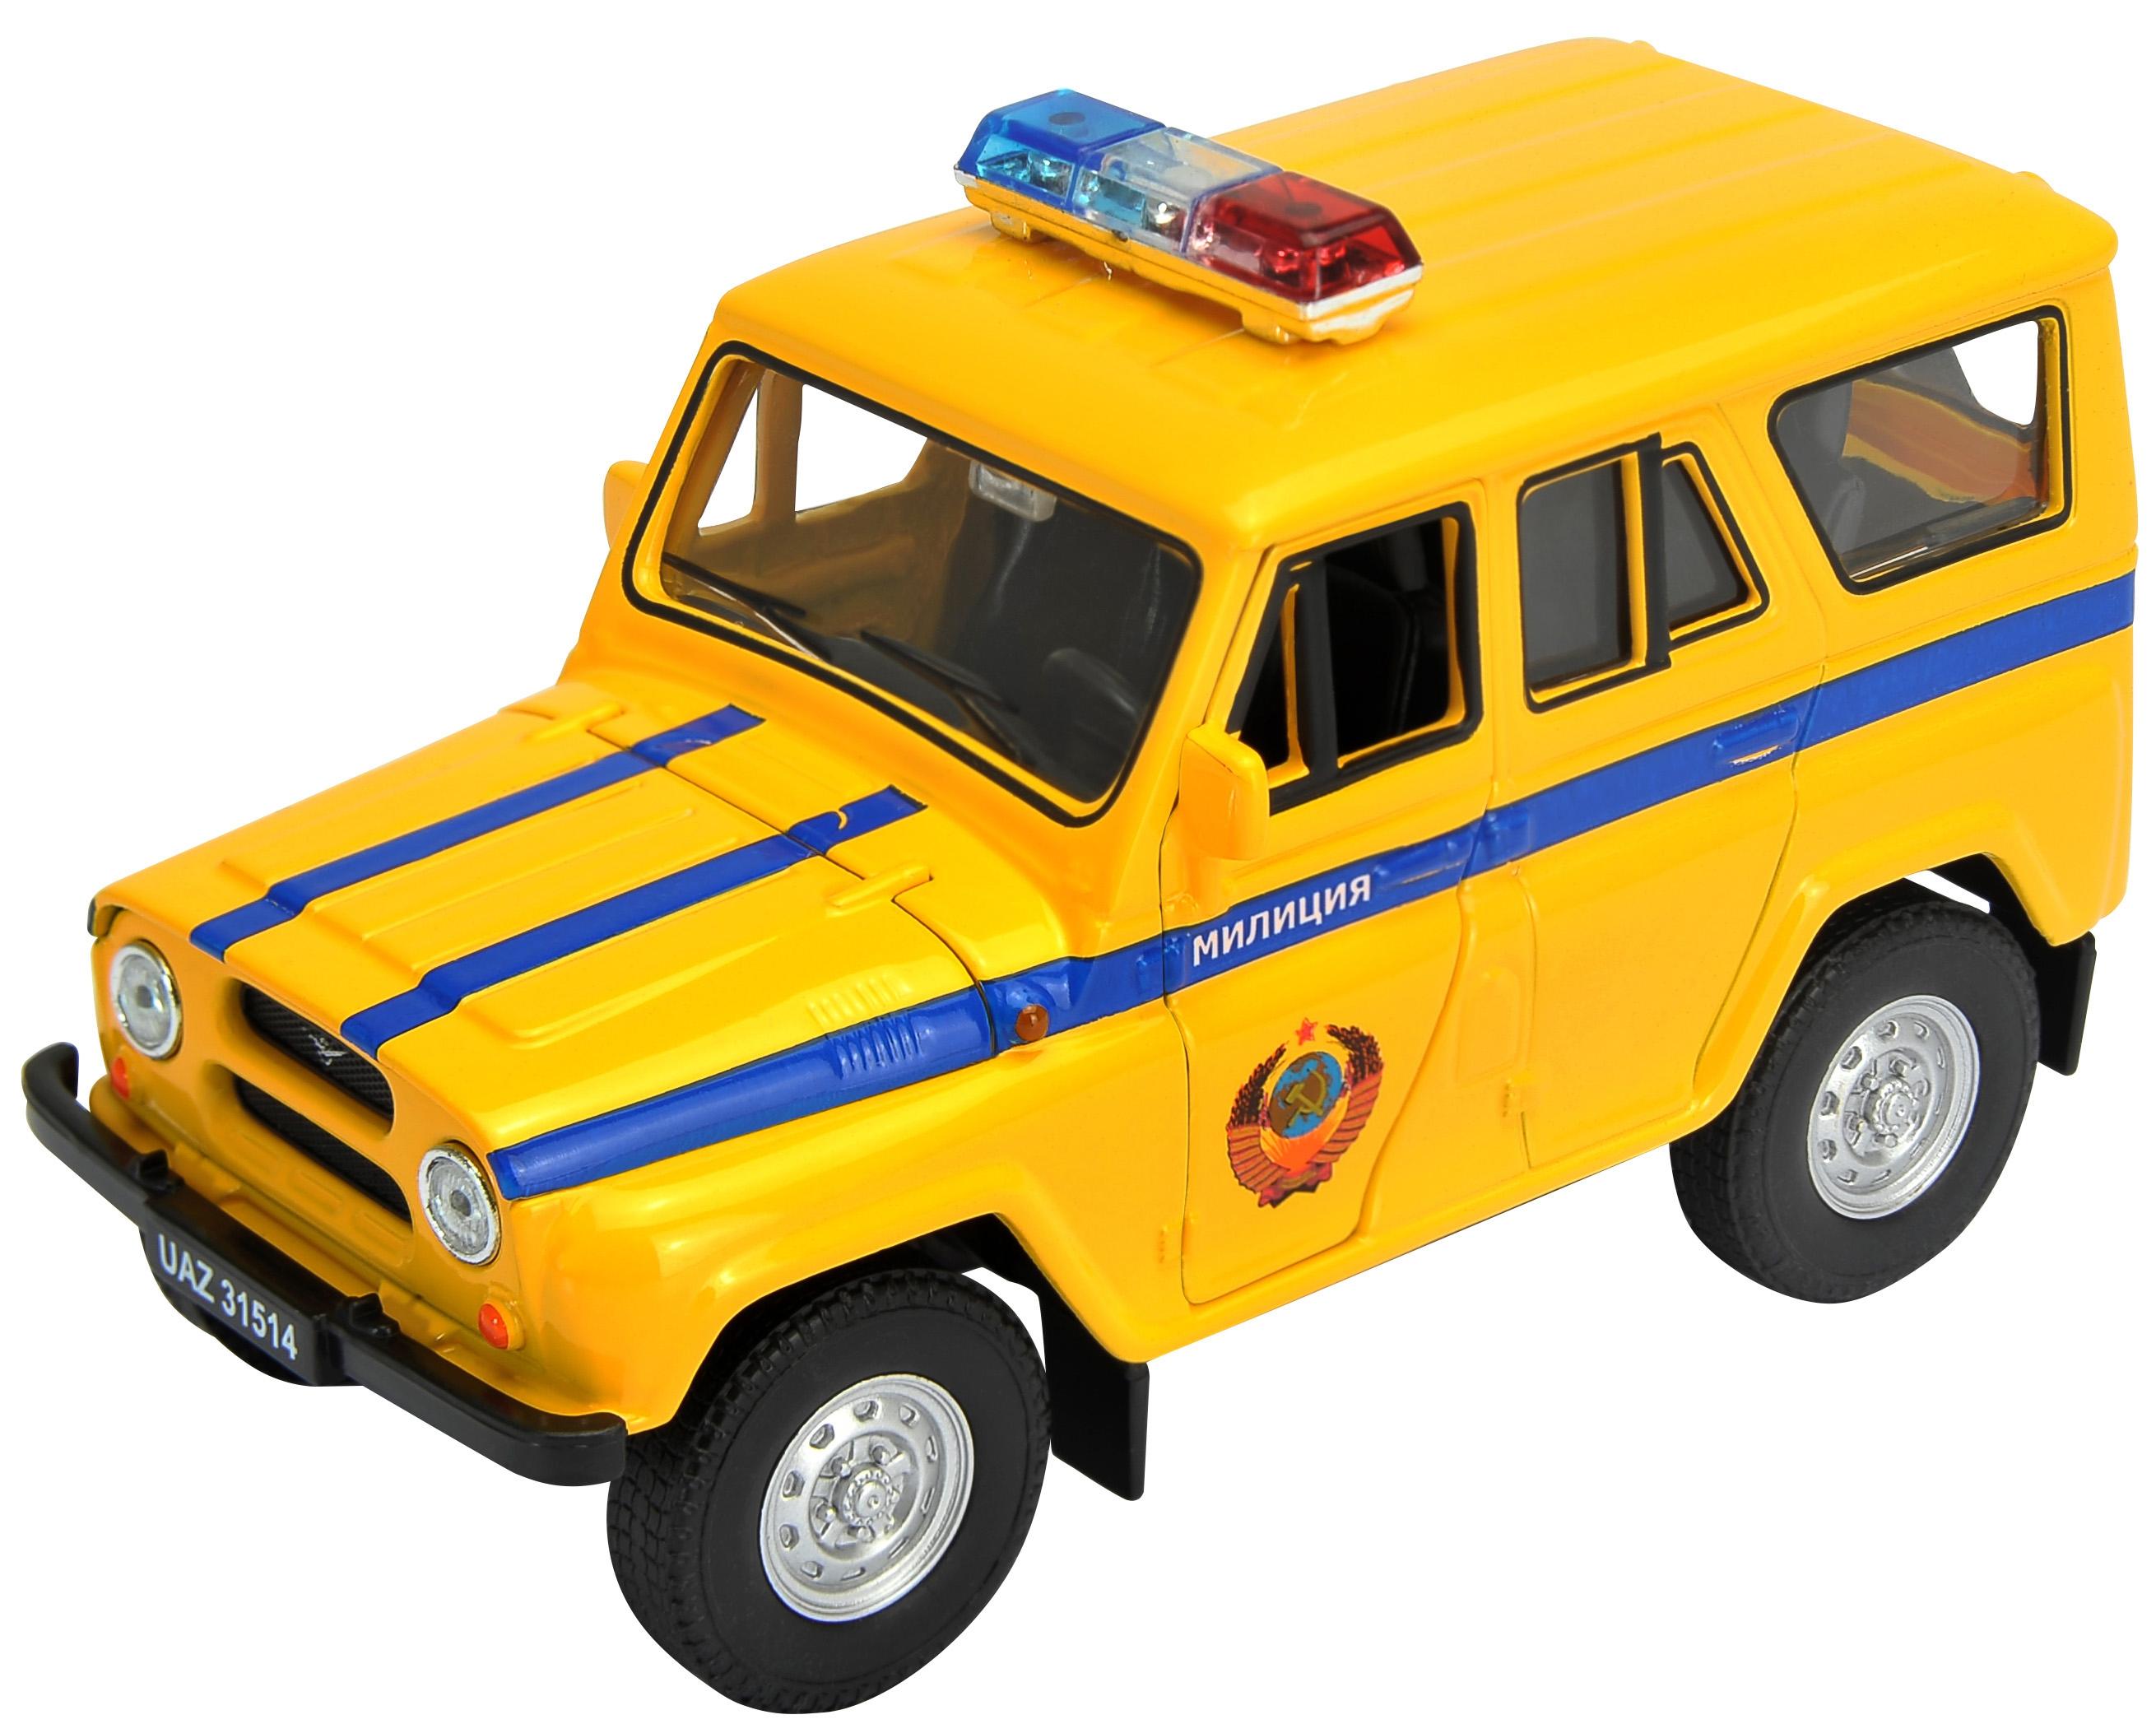 Модель машины Welly УАЗ 31514 Милиция инерционная 1:34